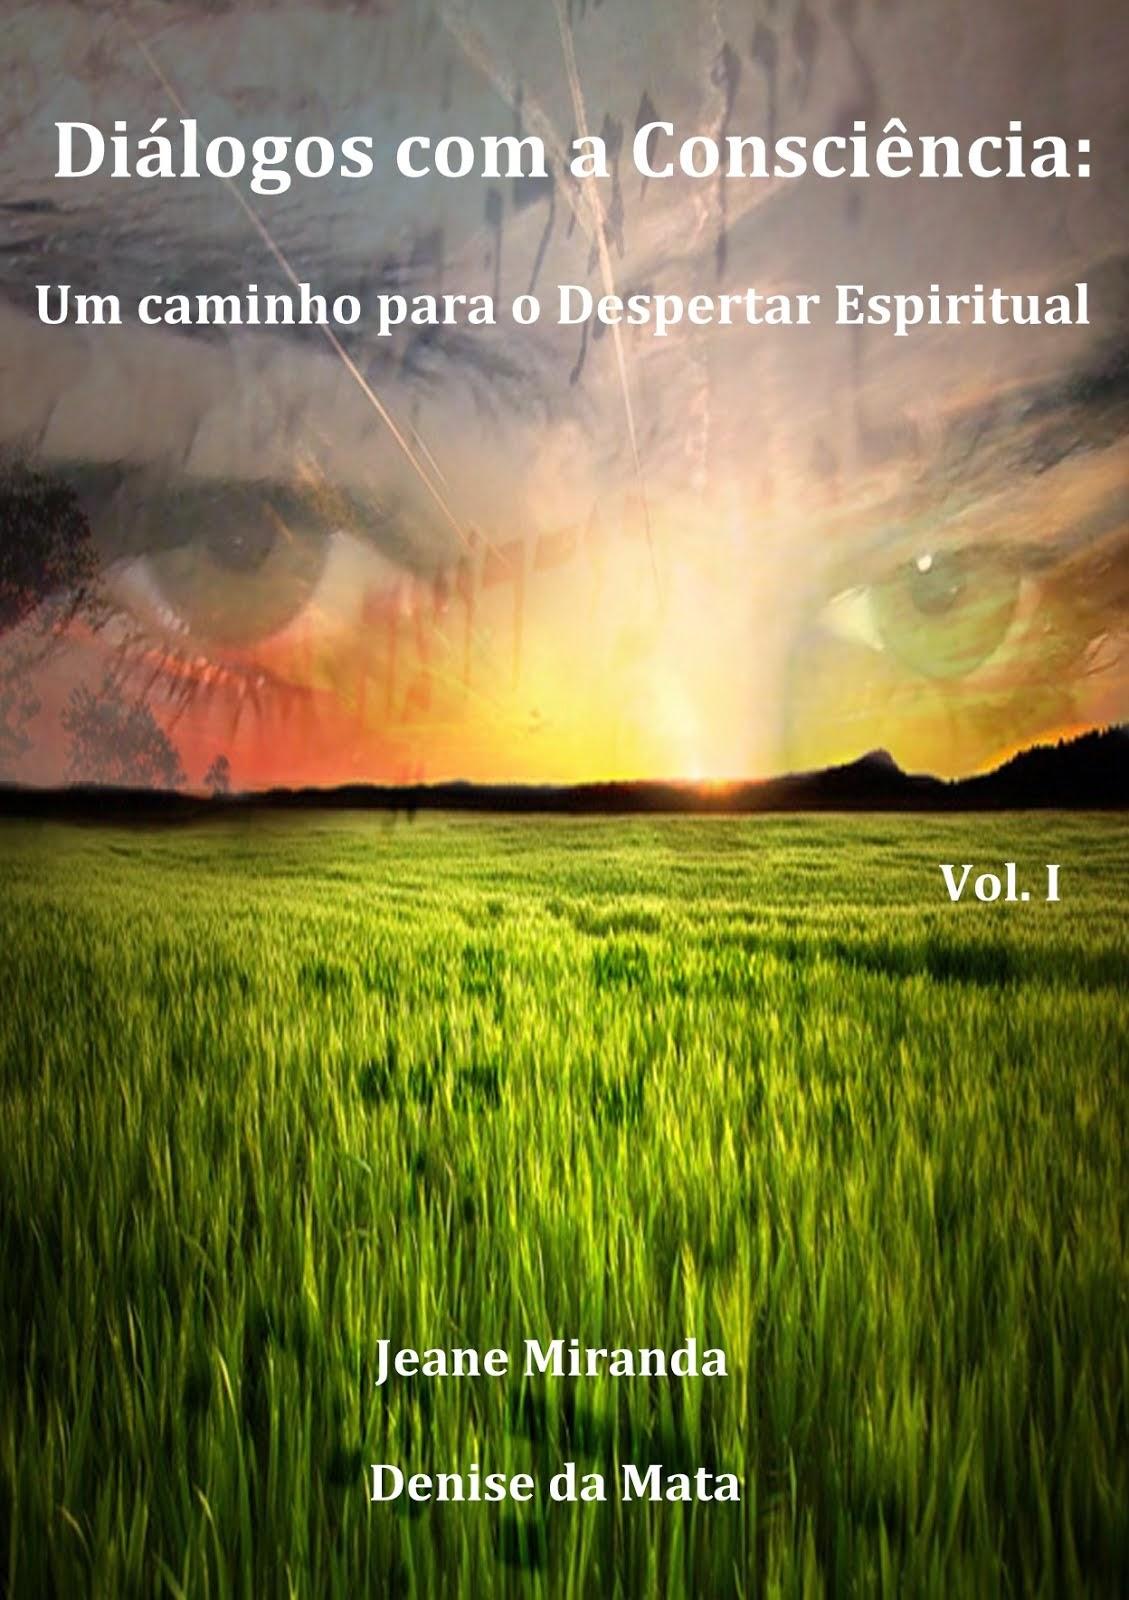 Diálogos com a Consciência: um caminho para o Despertar Espiritual